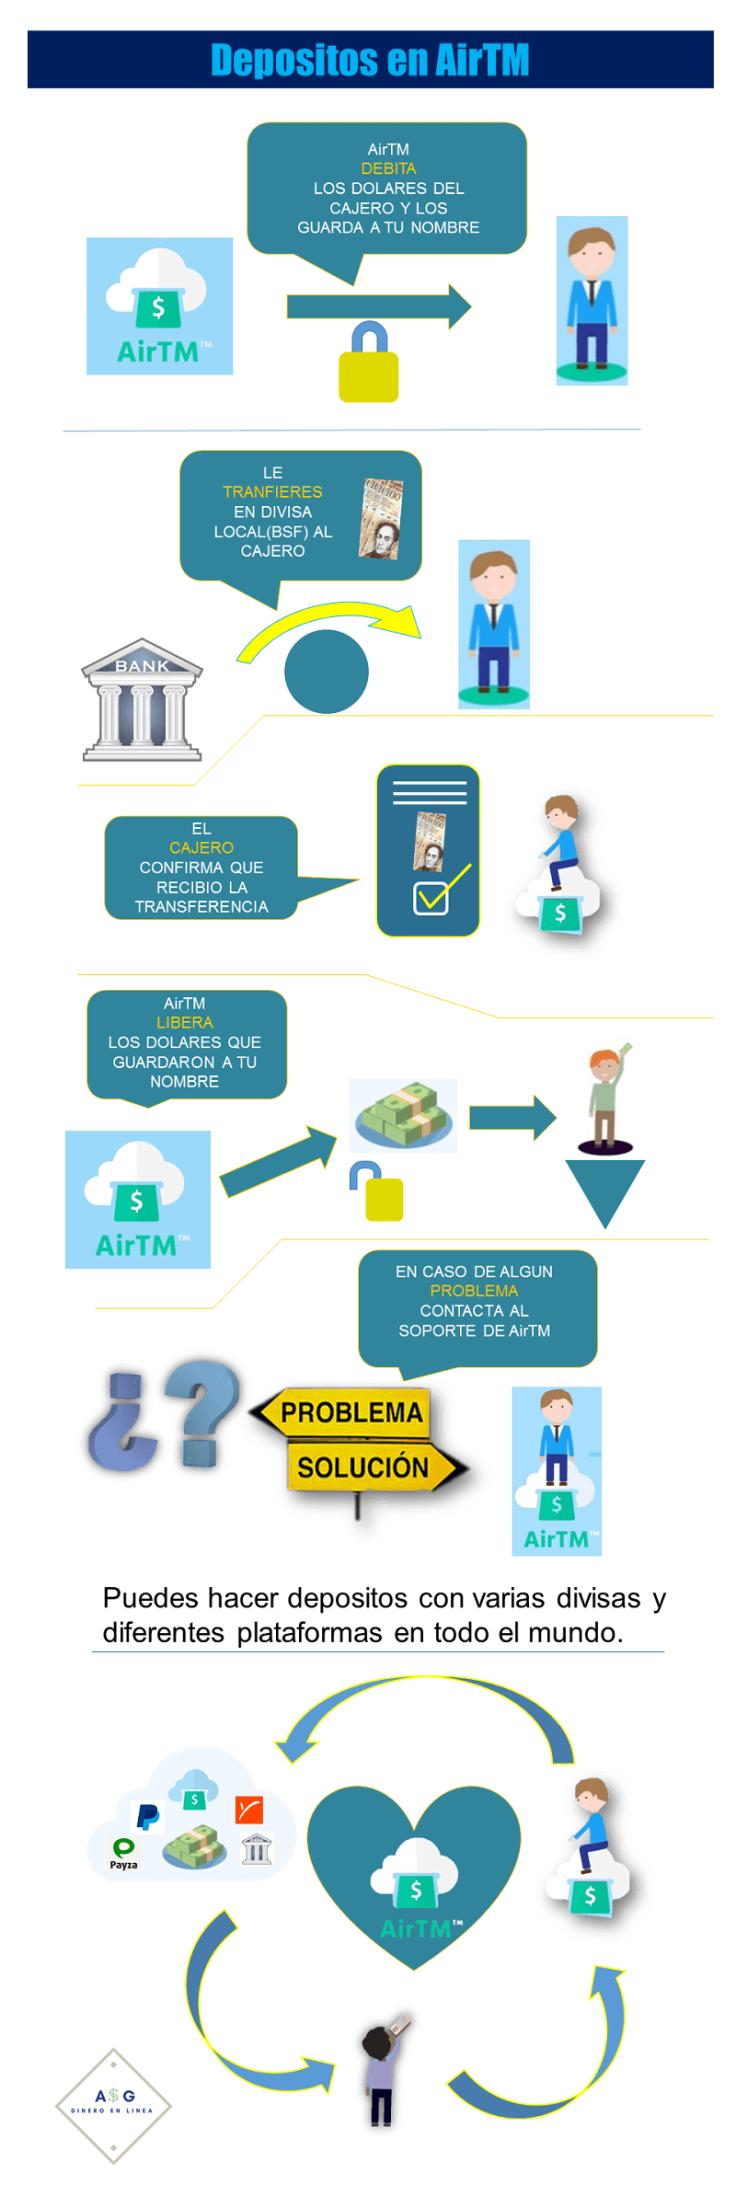 infografia de deposito en cuenta en dolares airtm